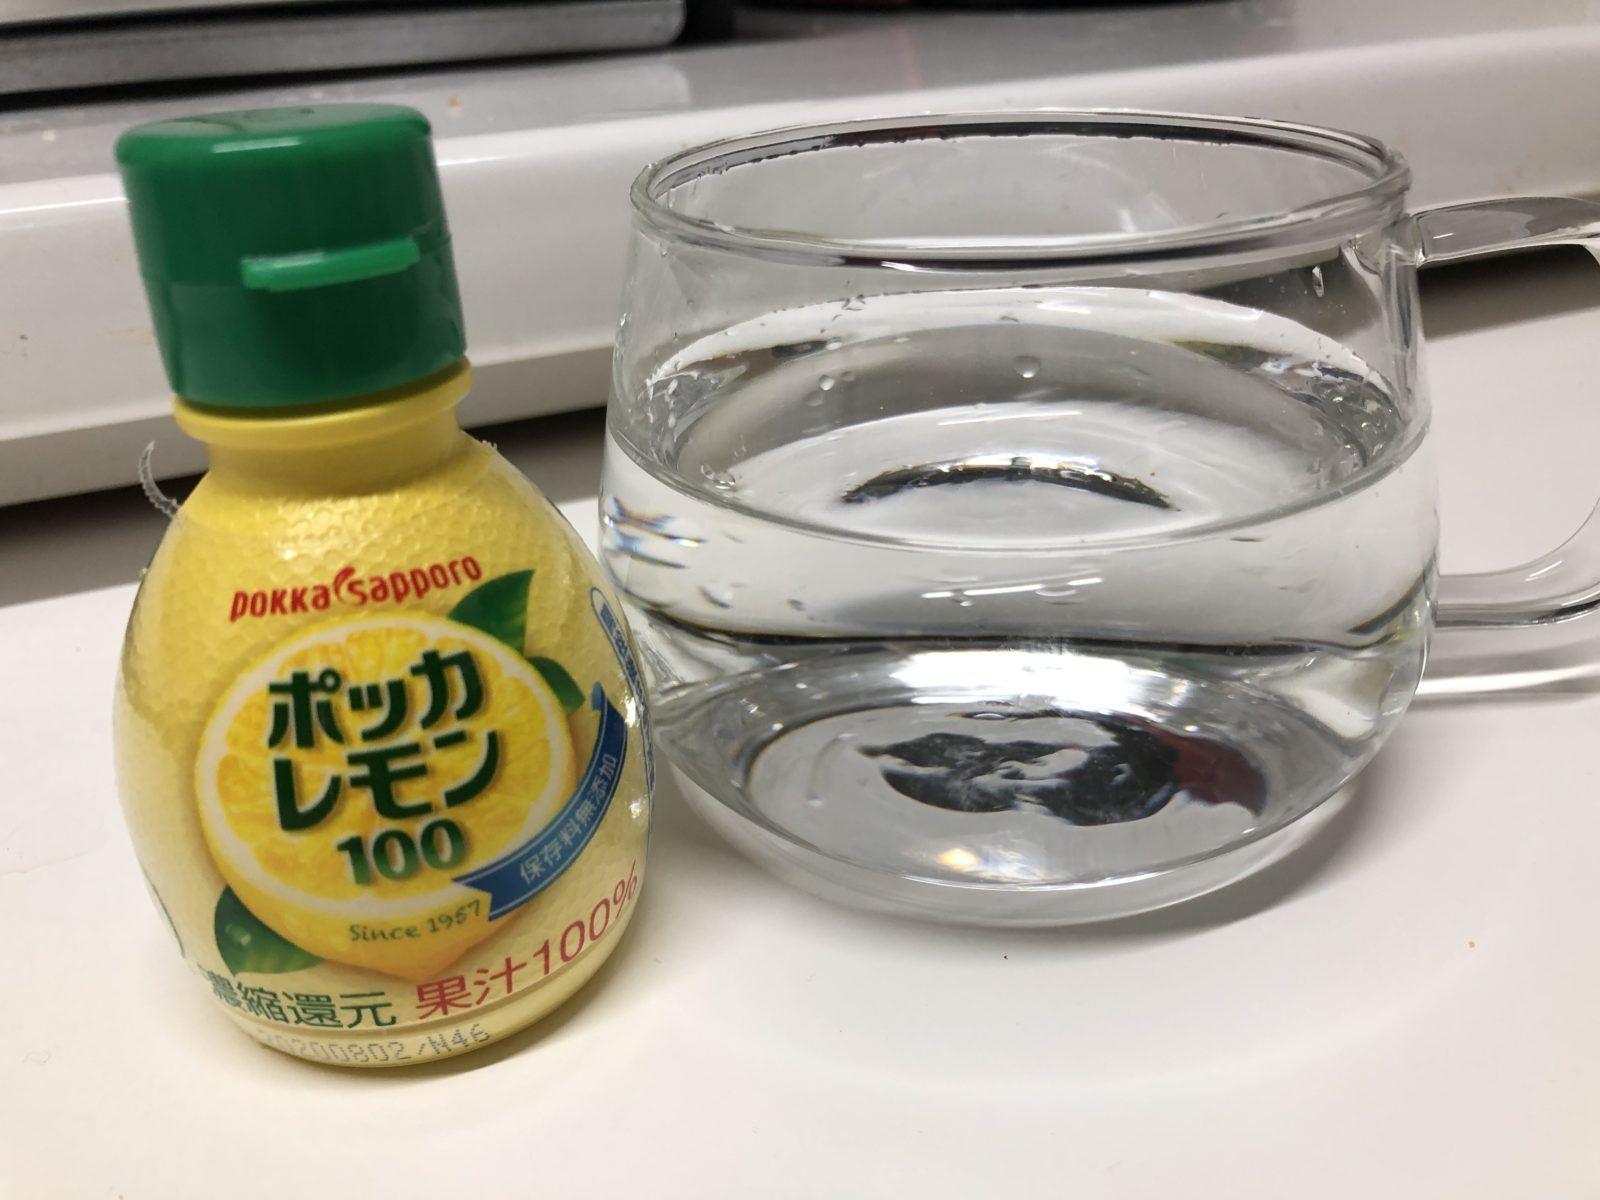 白湯 レモン レモン 効果 ポッカ